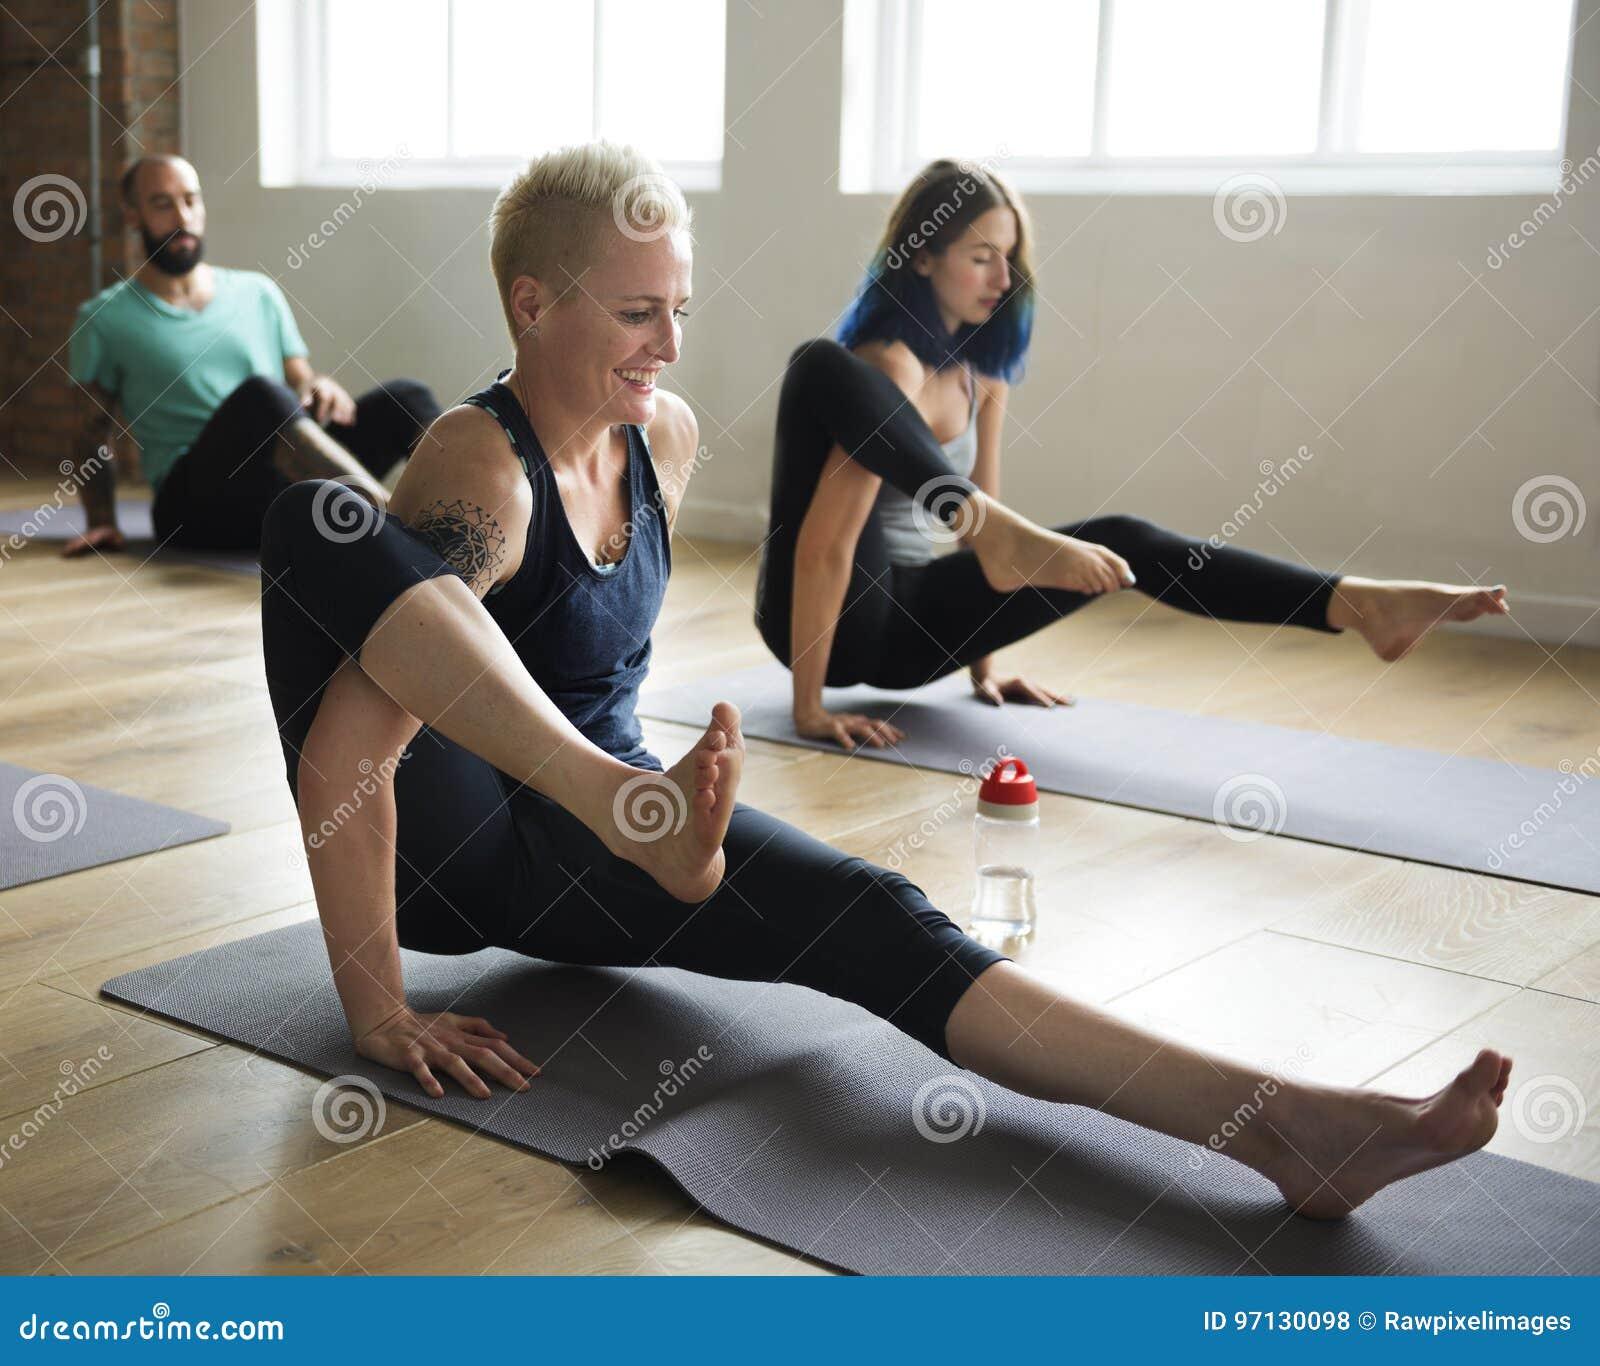 瑜伽练习类概念